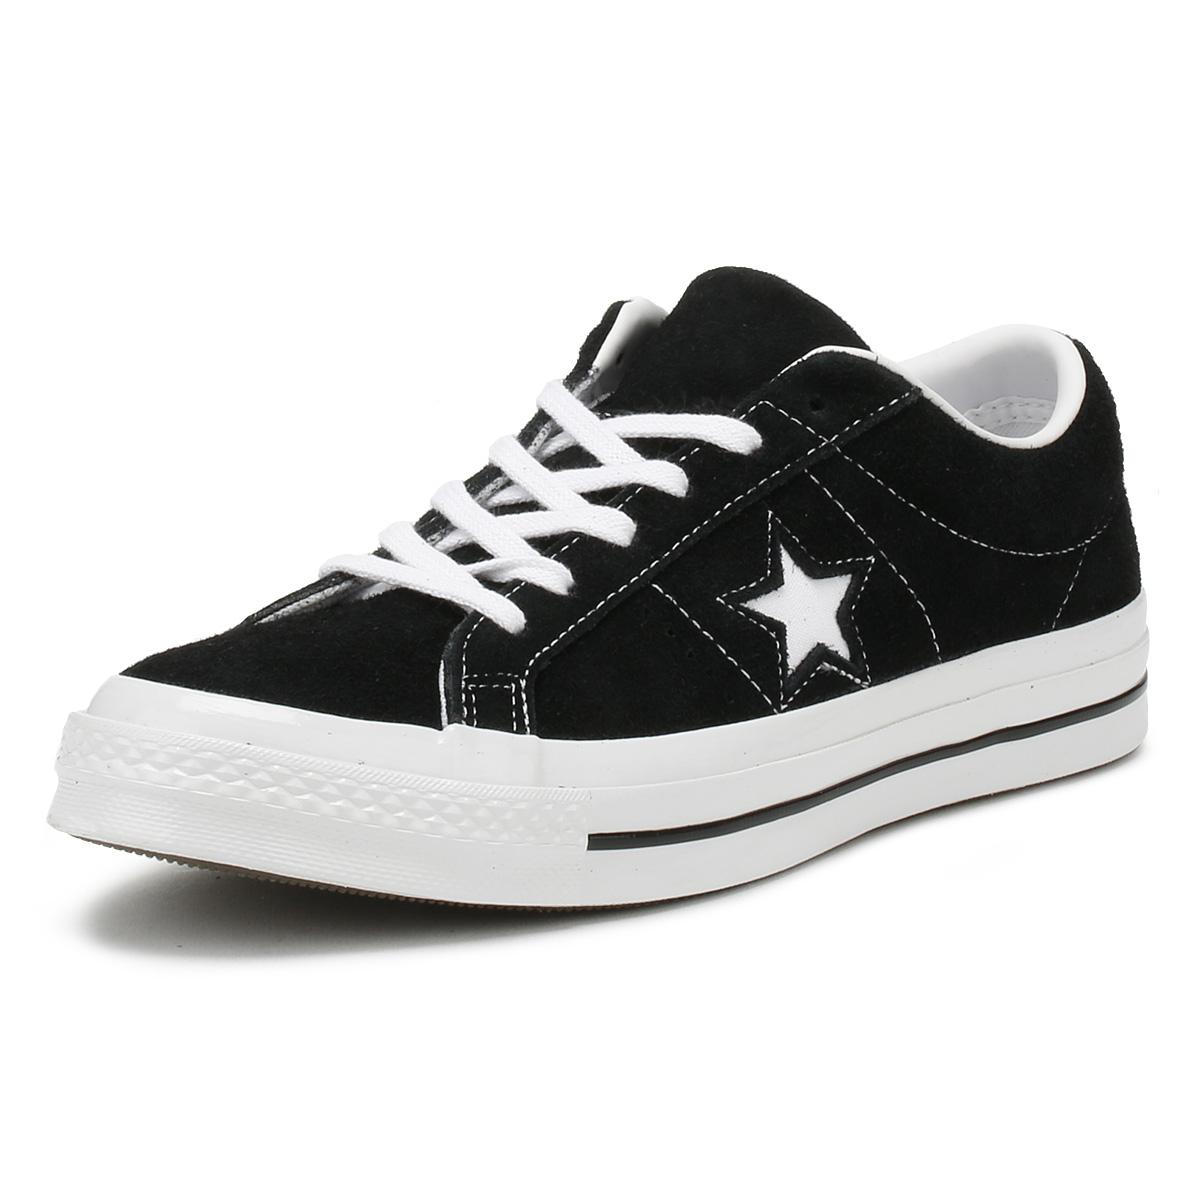 Converse One Star Ox Unisex Scarpe Da Ginnastica Navy Premium in Pelle Scamosciata Con Lacci Scarpe Casual